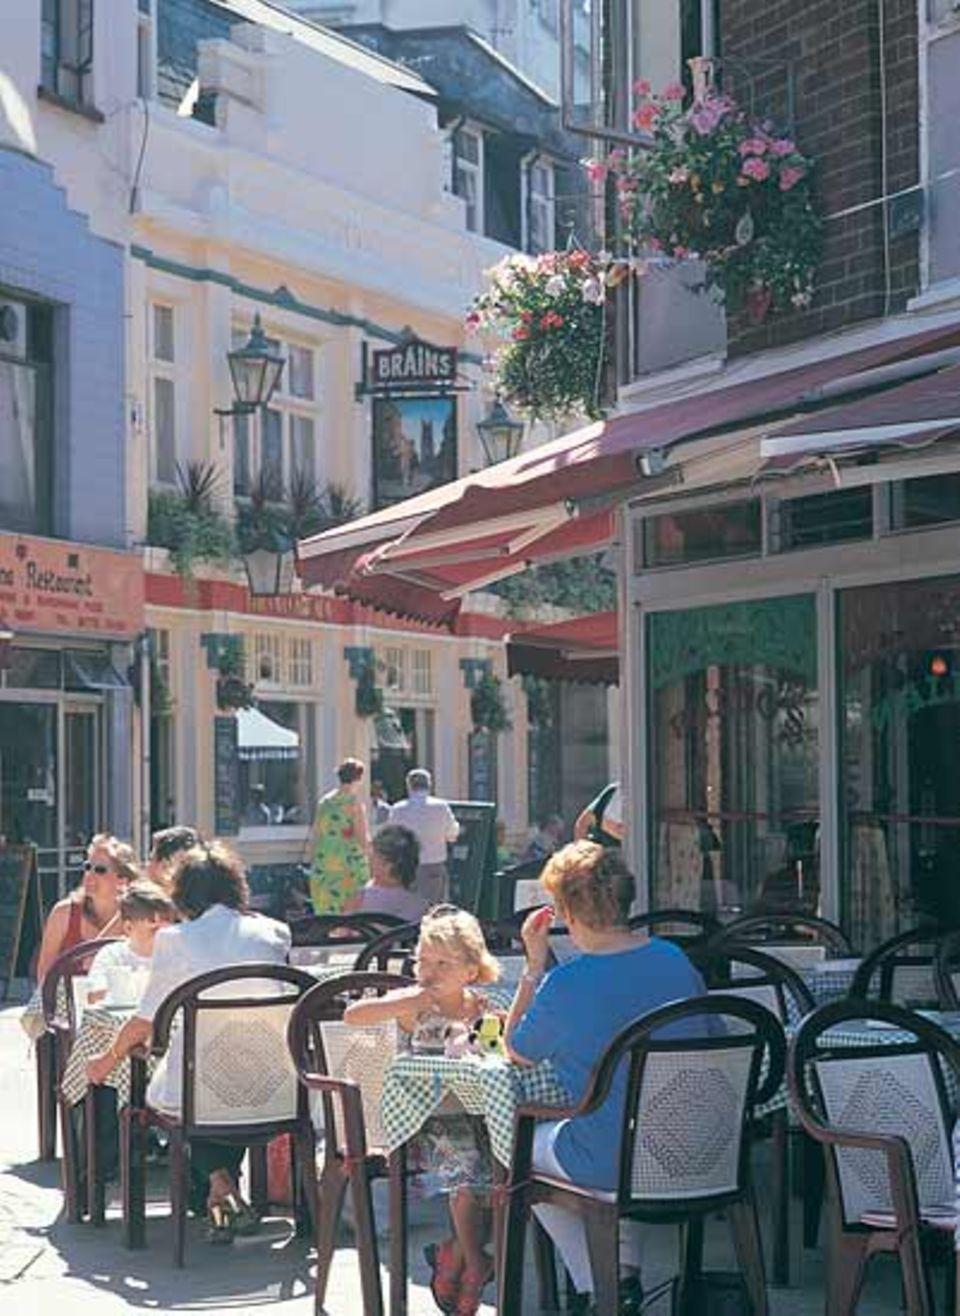 Zu einer Pause zwischen Museumsbesuch und Stadtbummel laden Cafés in den zahlreichen malerischen Gassen der Innenstadt ein